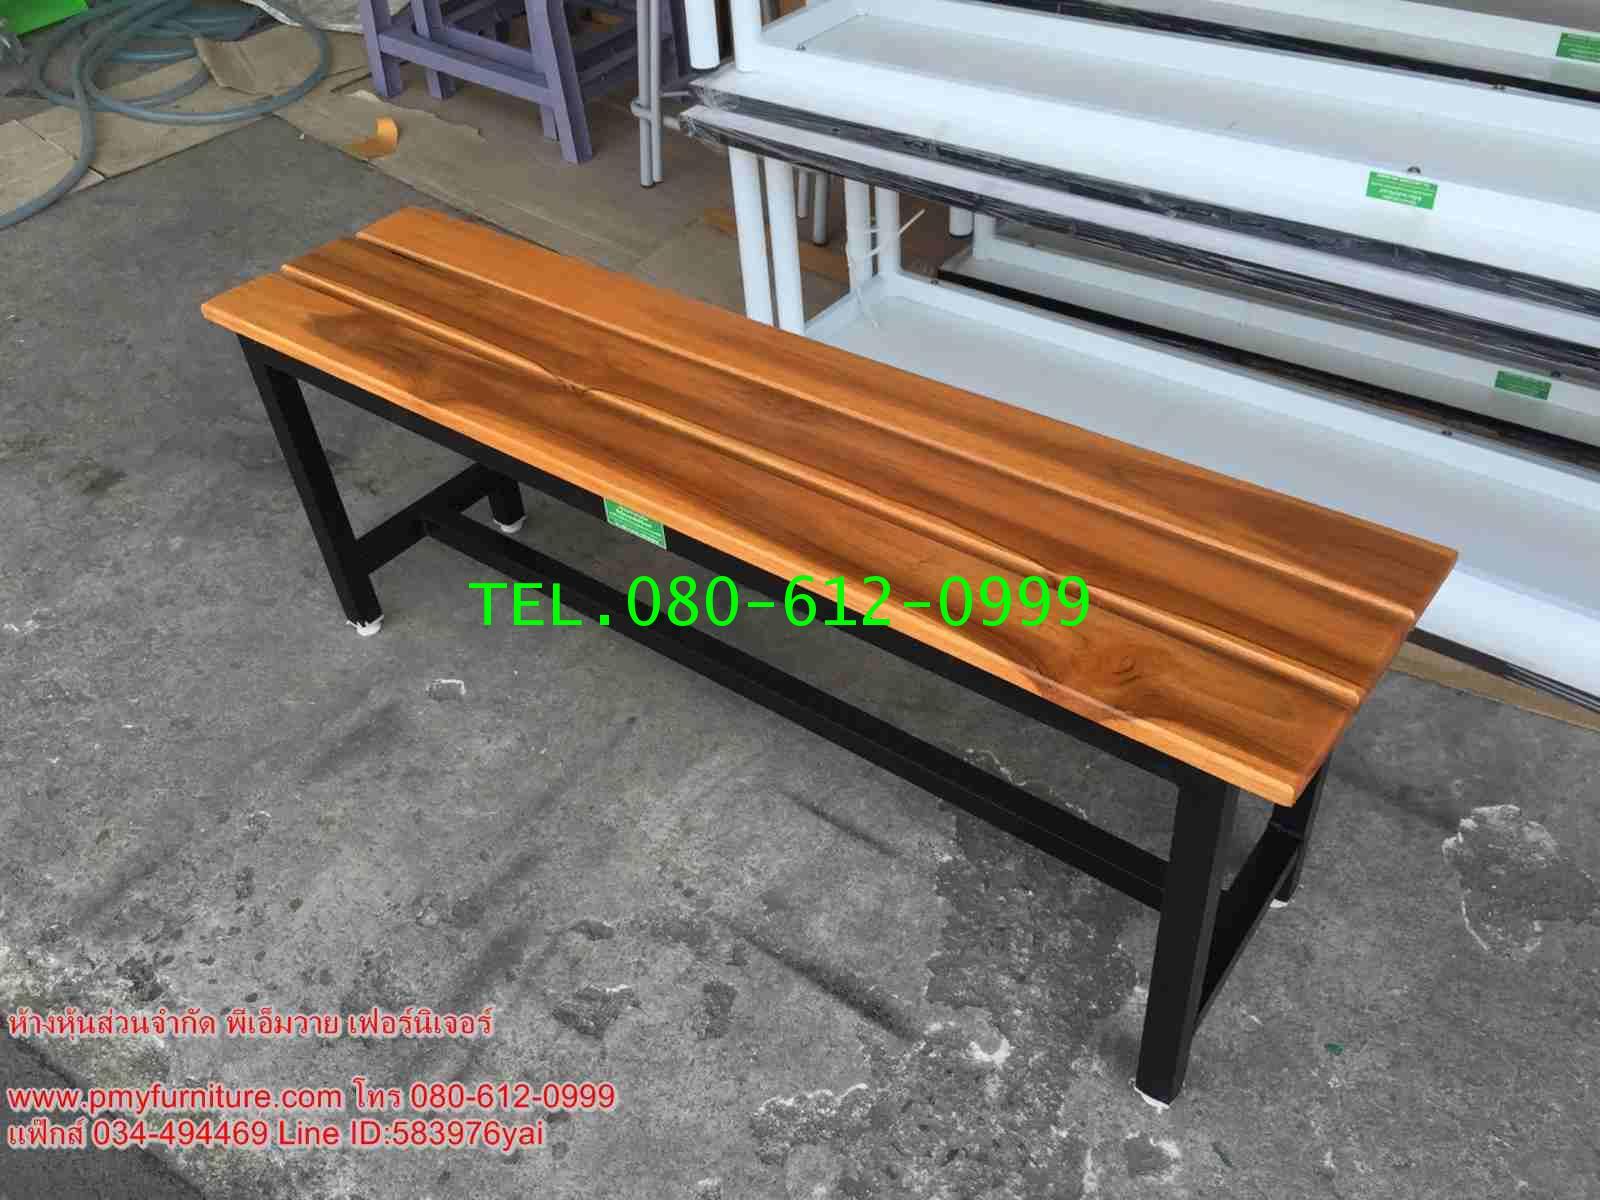 pmy19-9 ม้านั่งไม้สักตีระแนง หน้า 4 ยาว 120 ซม.